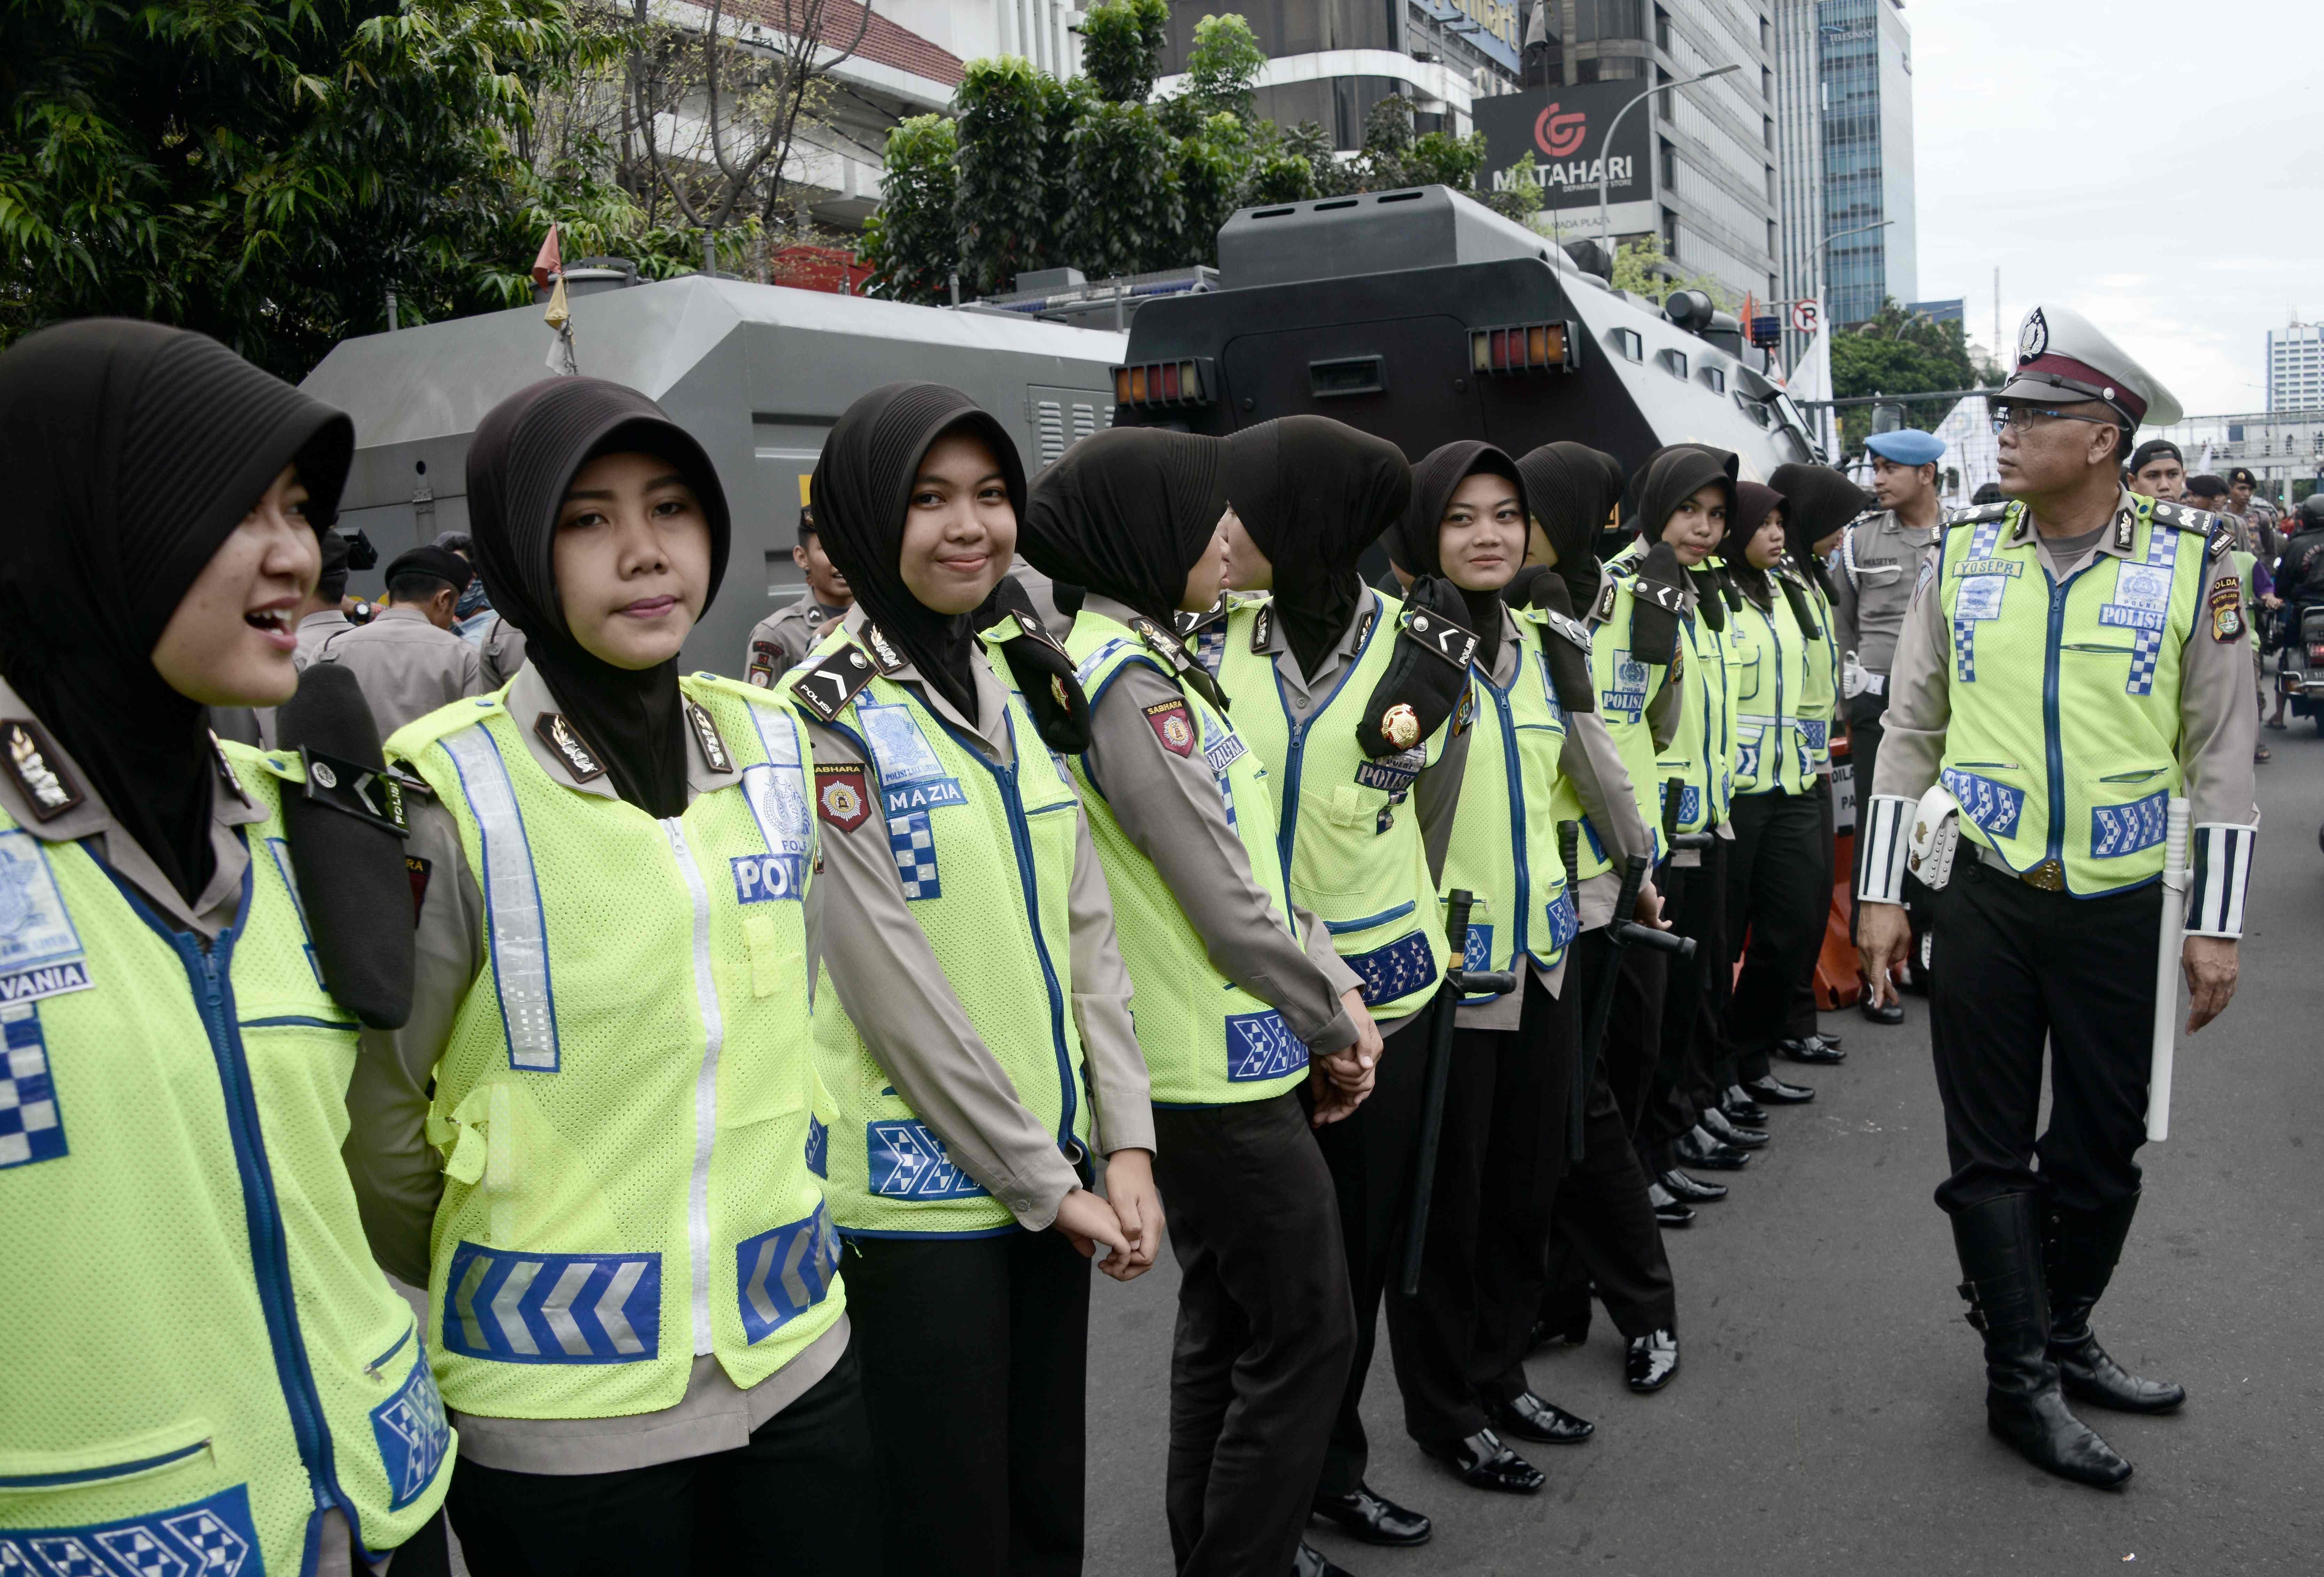 عناصر الشرطة النسائية فى محيط محكمة جاكرتا وسط مساهرة منددة لحاكم العاصمة - أ ف ب